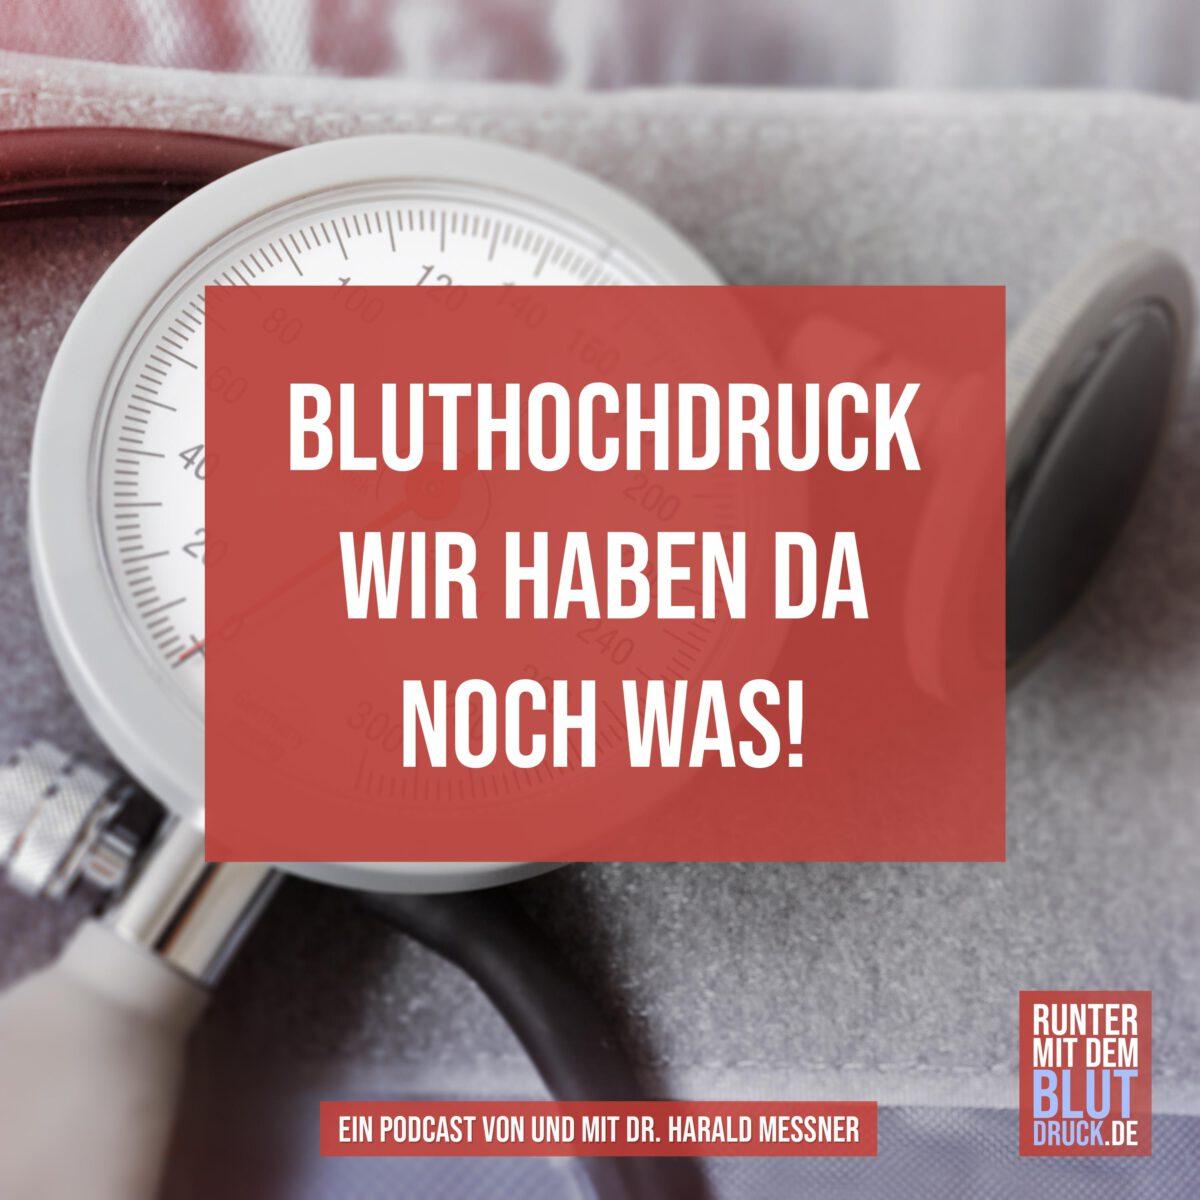 Bluthochdruck – wir haben da noch was!